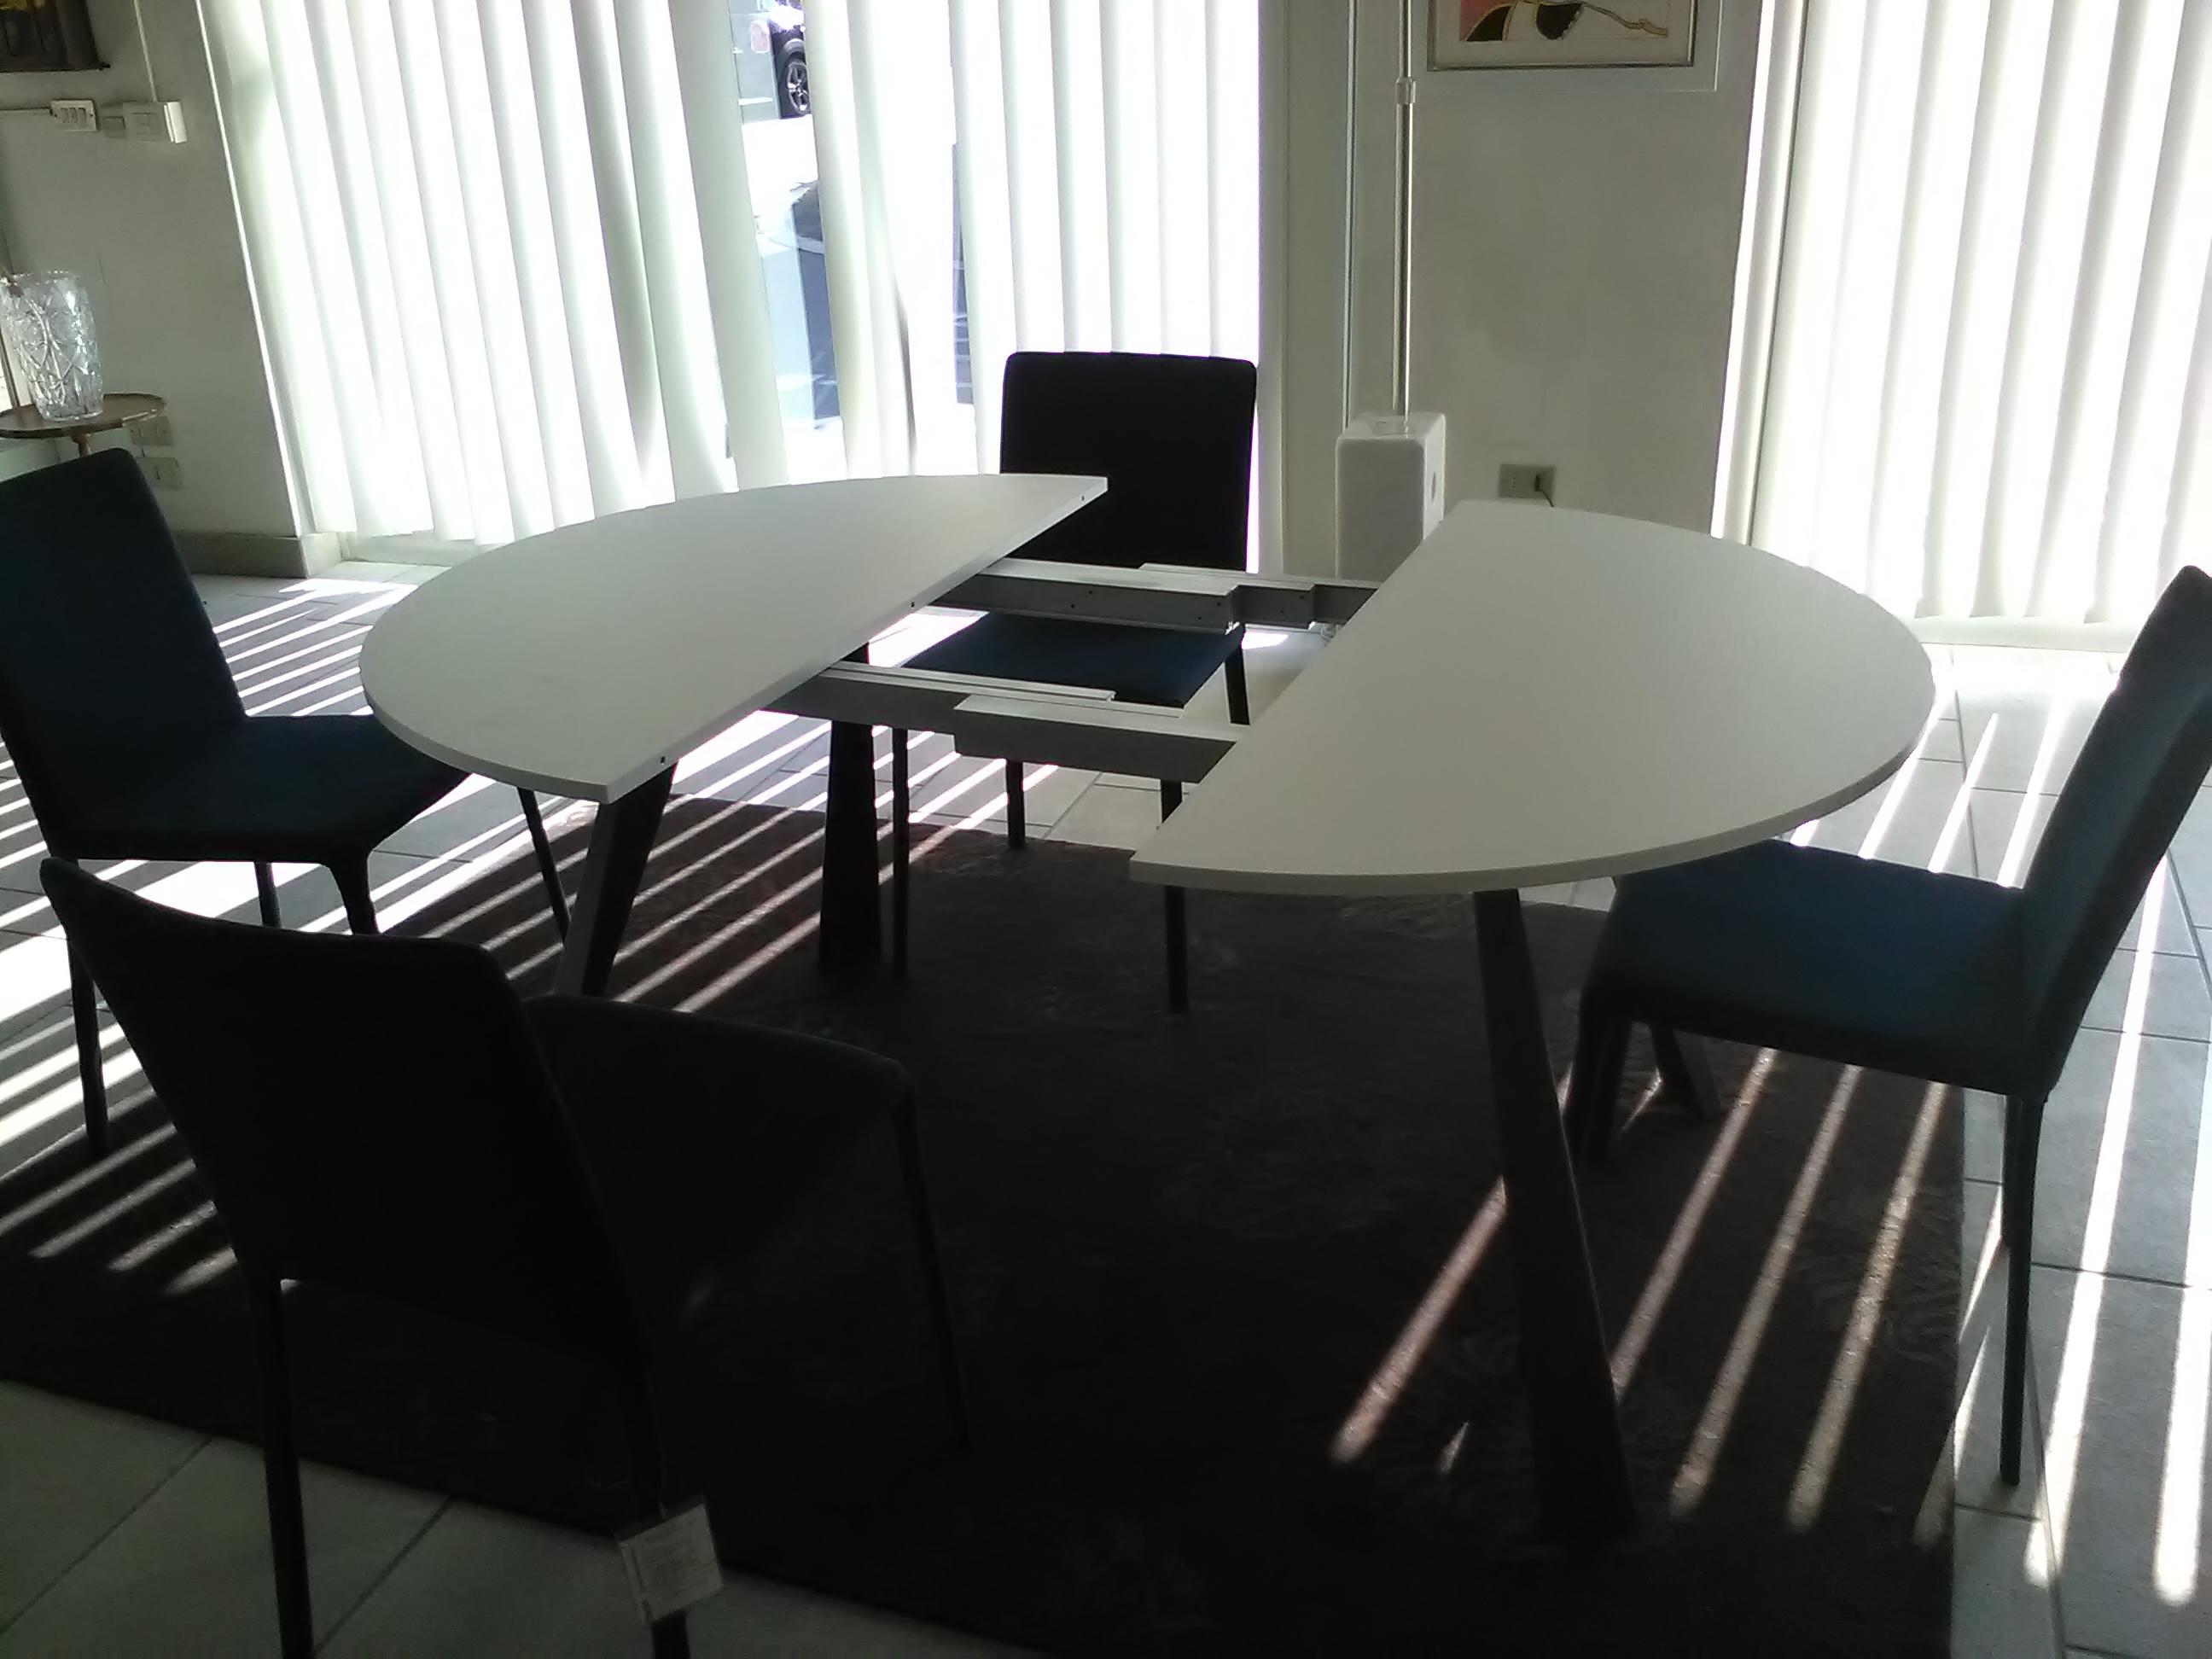 Tavolo rotondo allungabile in offerta tavoli a prezzi scontati - Tavolo rotondo per 5 persone ...